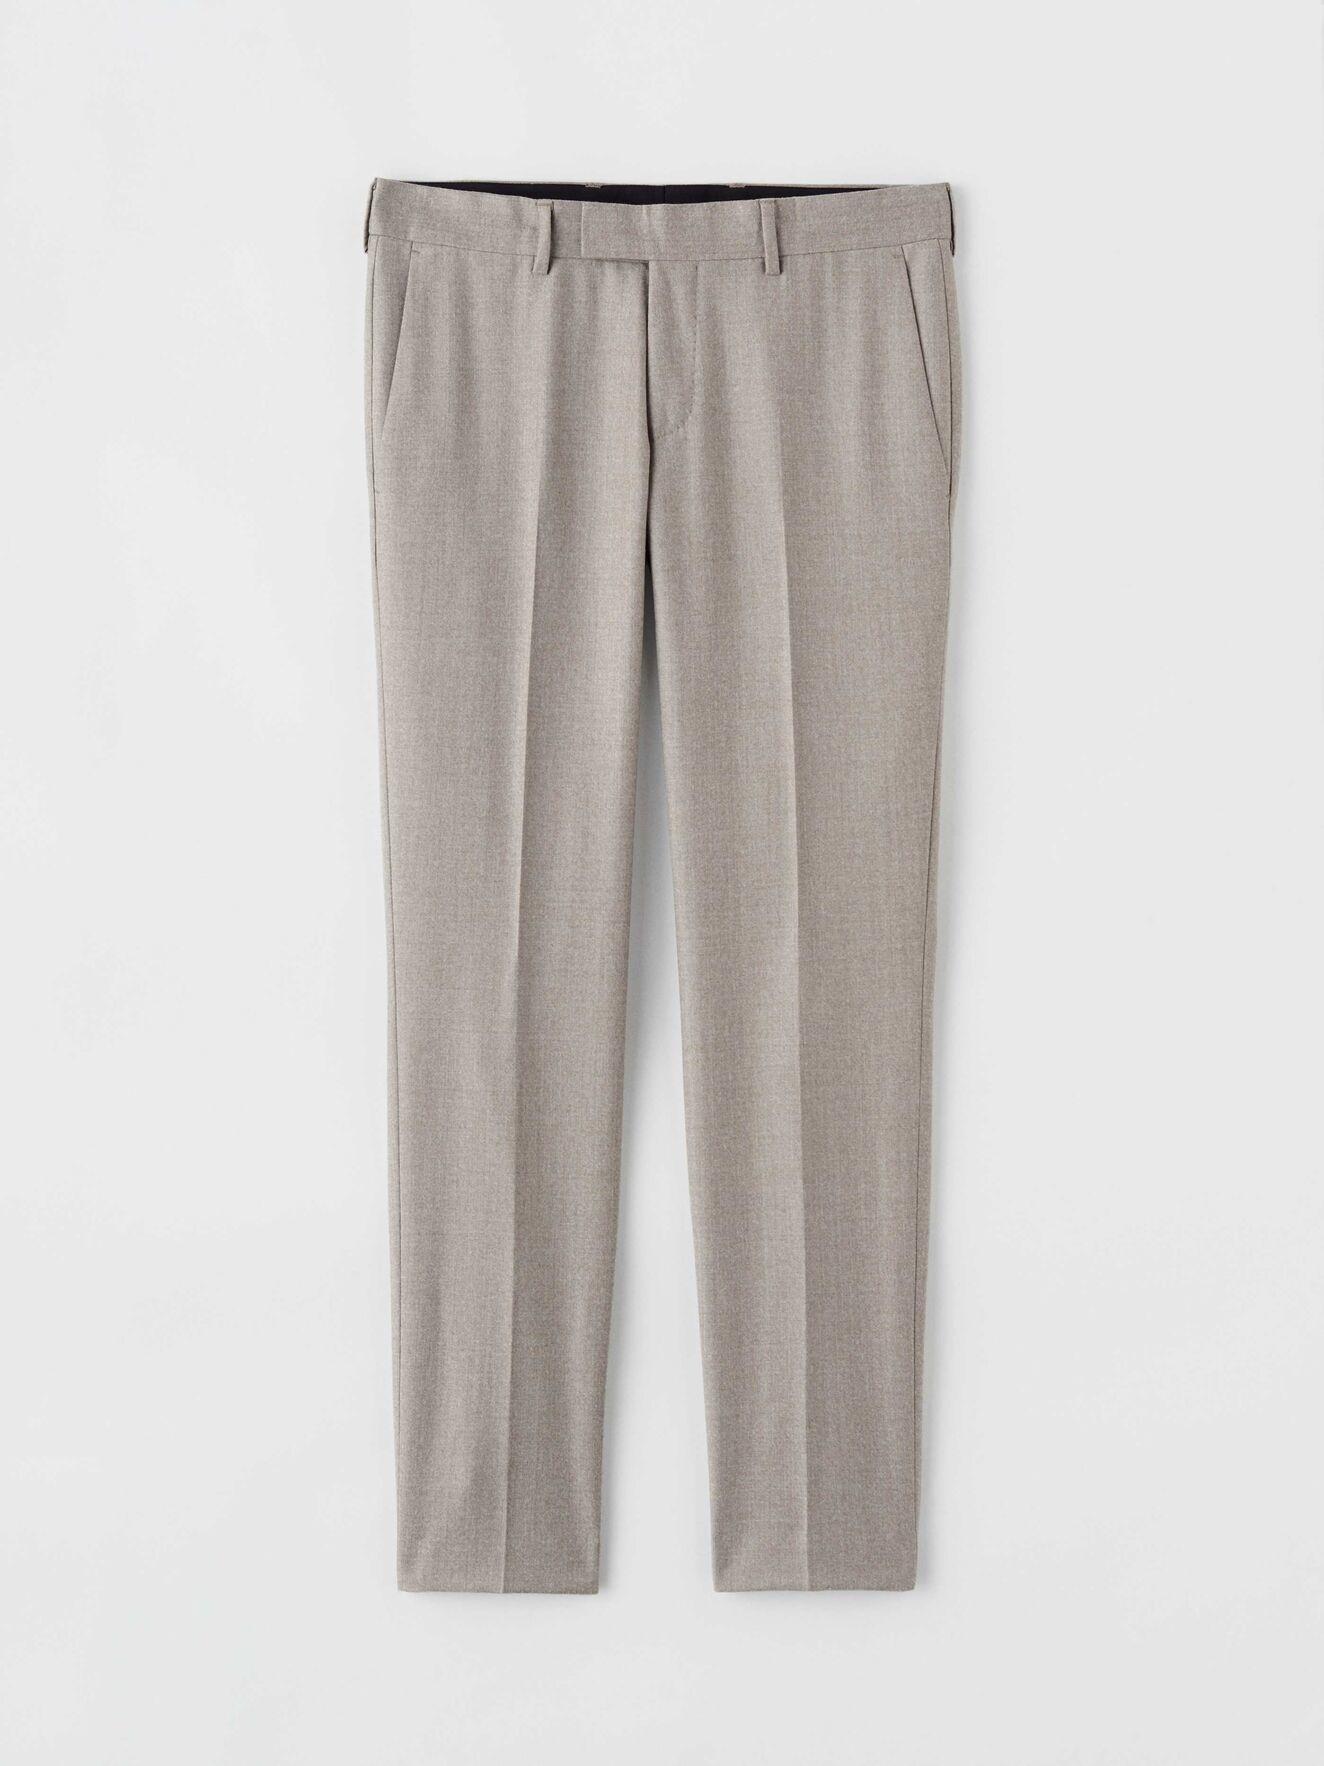 Tordon Soft Latte Suit Pants-1